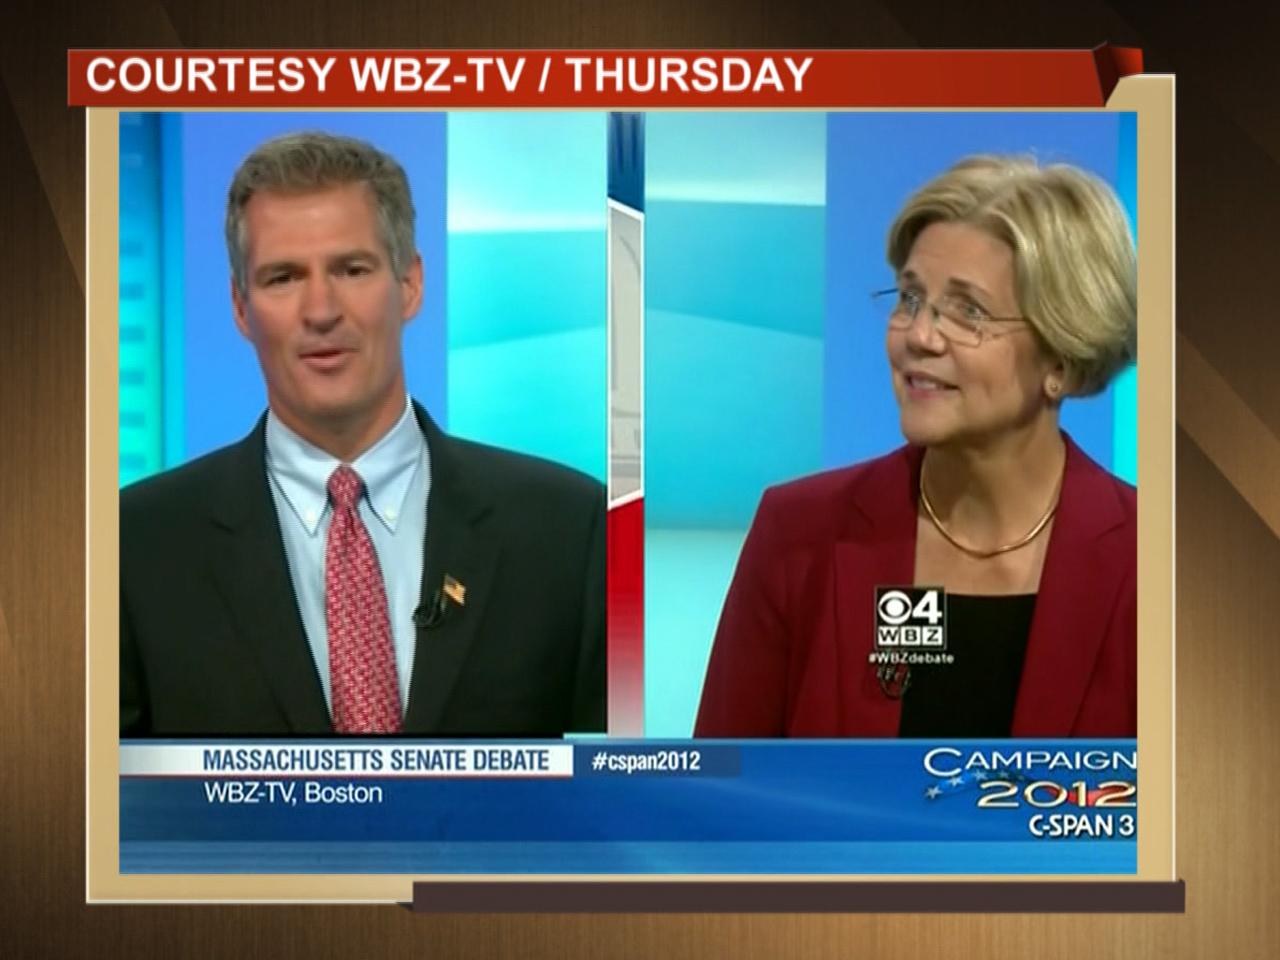 Elizabeth Warren: From financial watchdog to candidate